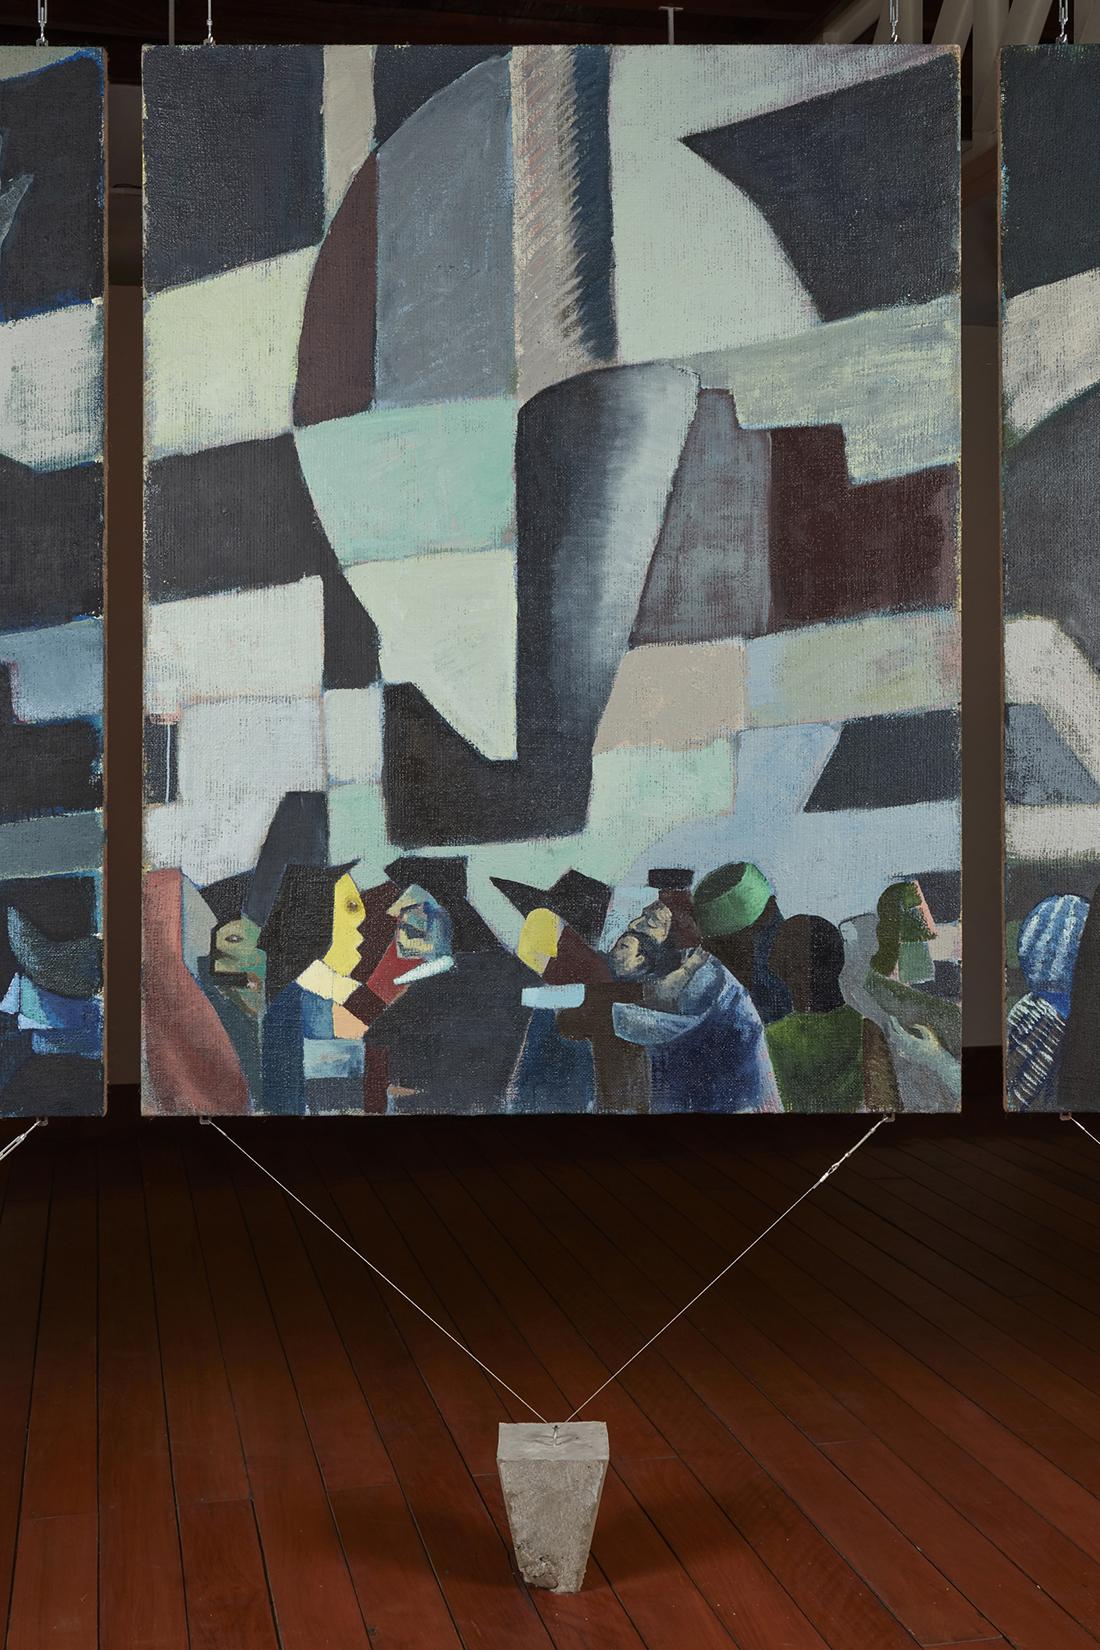 Una nueva era, panel O38n  , 2018, óleo sobre yute, 183 x 140 cm.